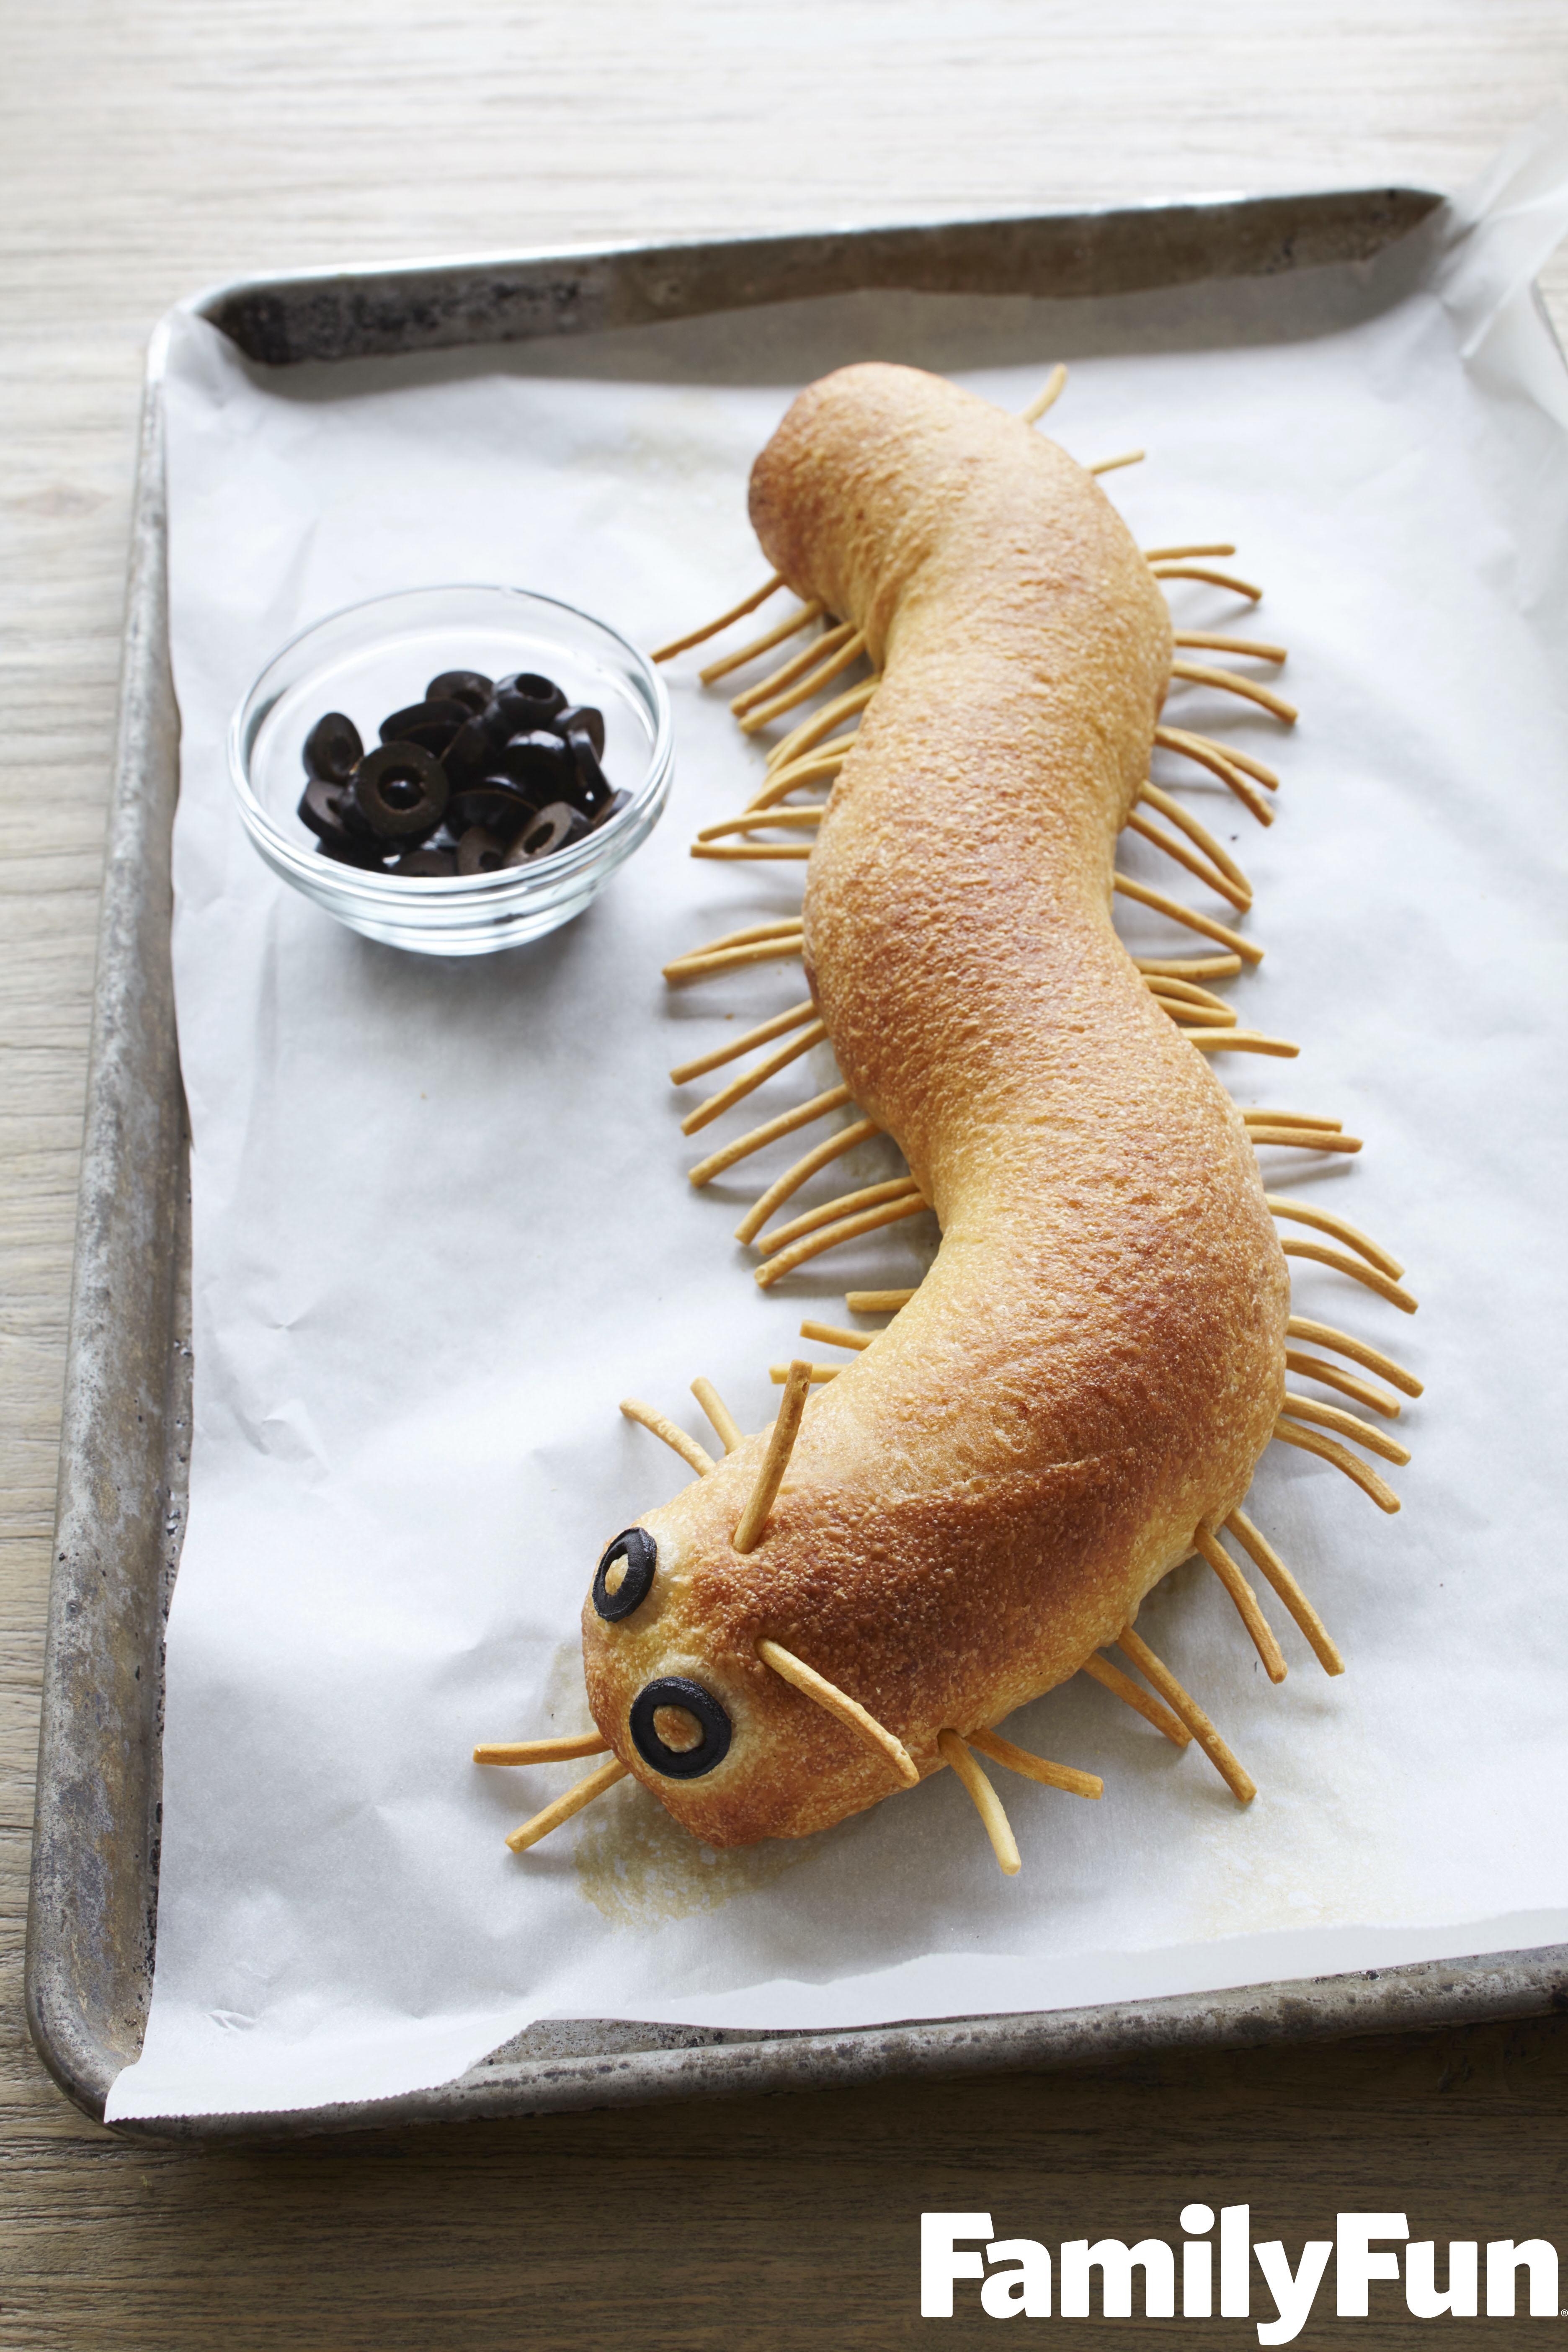 centipede-bread